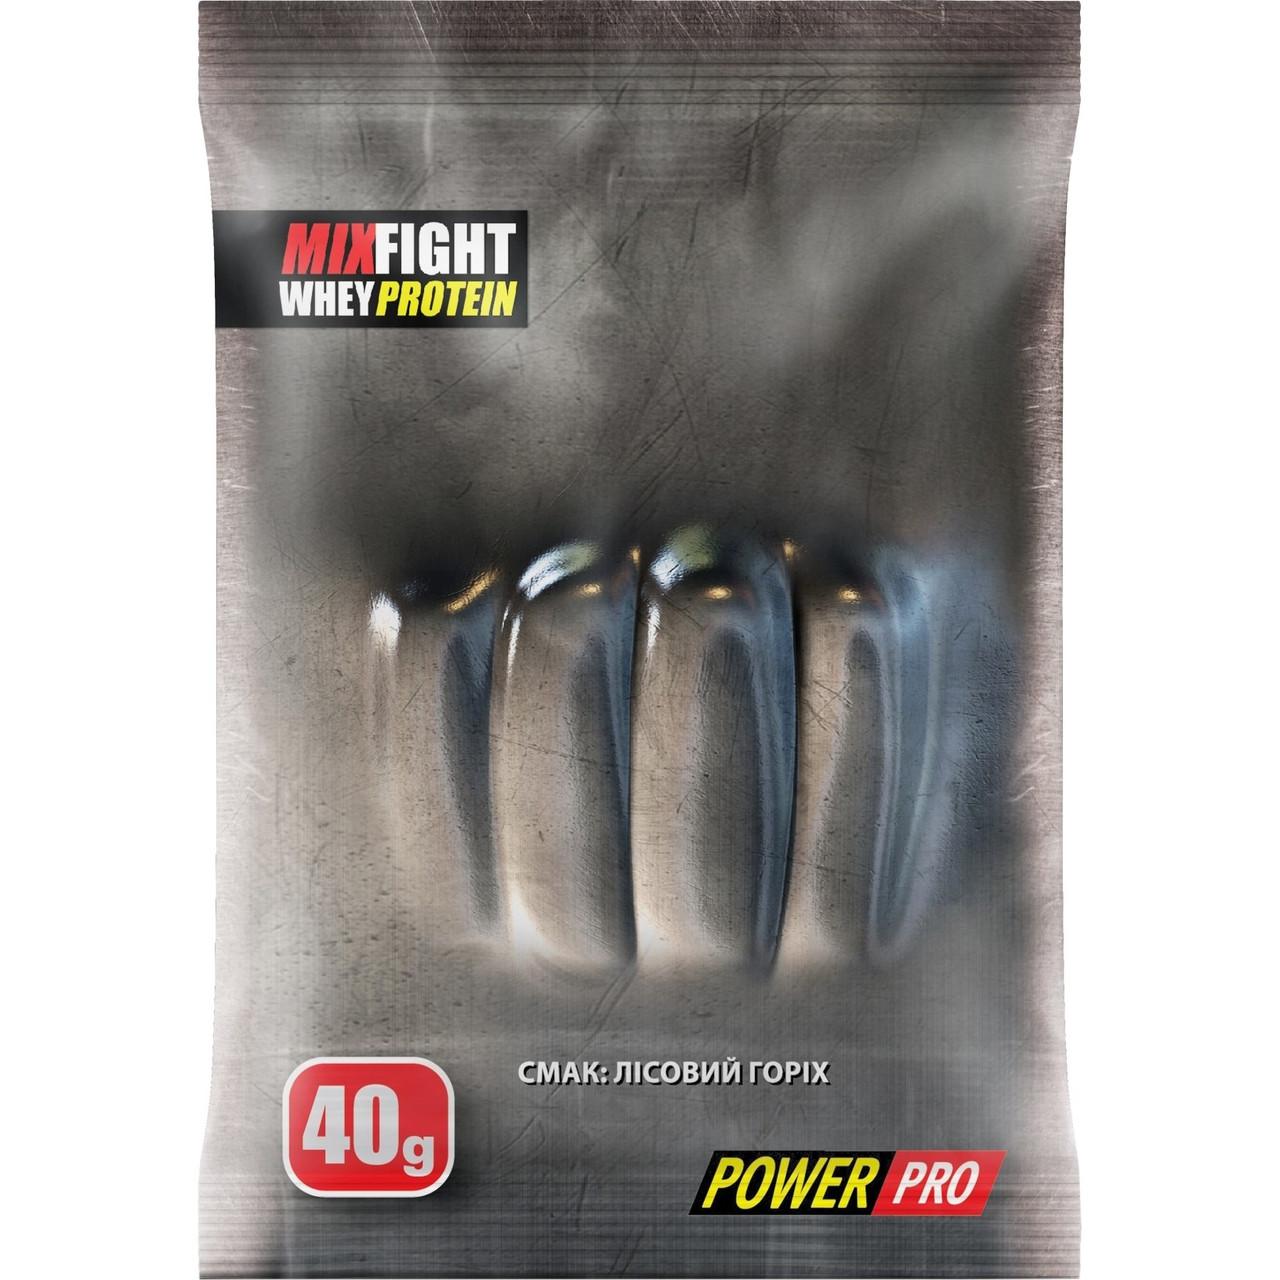 Power Pro MIXFIGHT WHEY PROTEIN 40 г